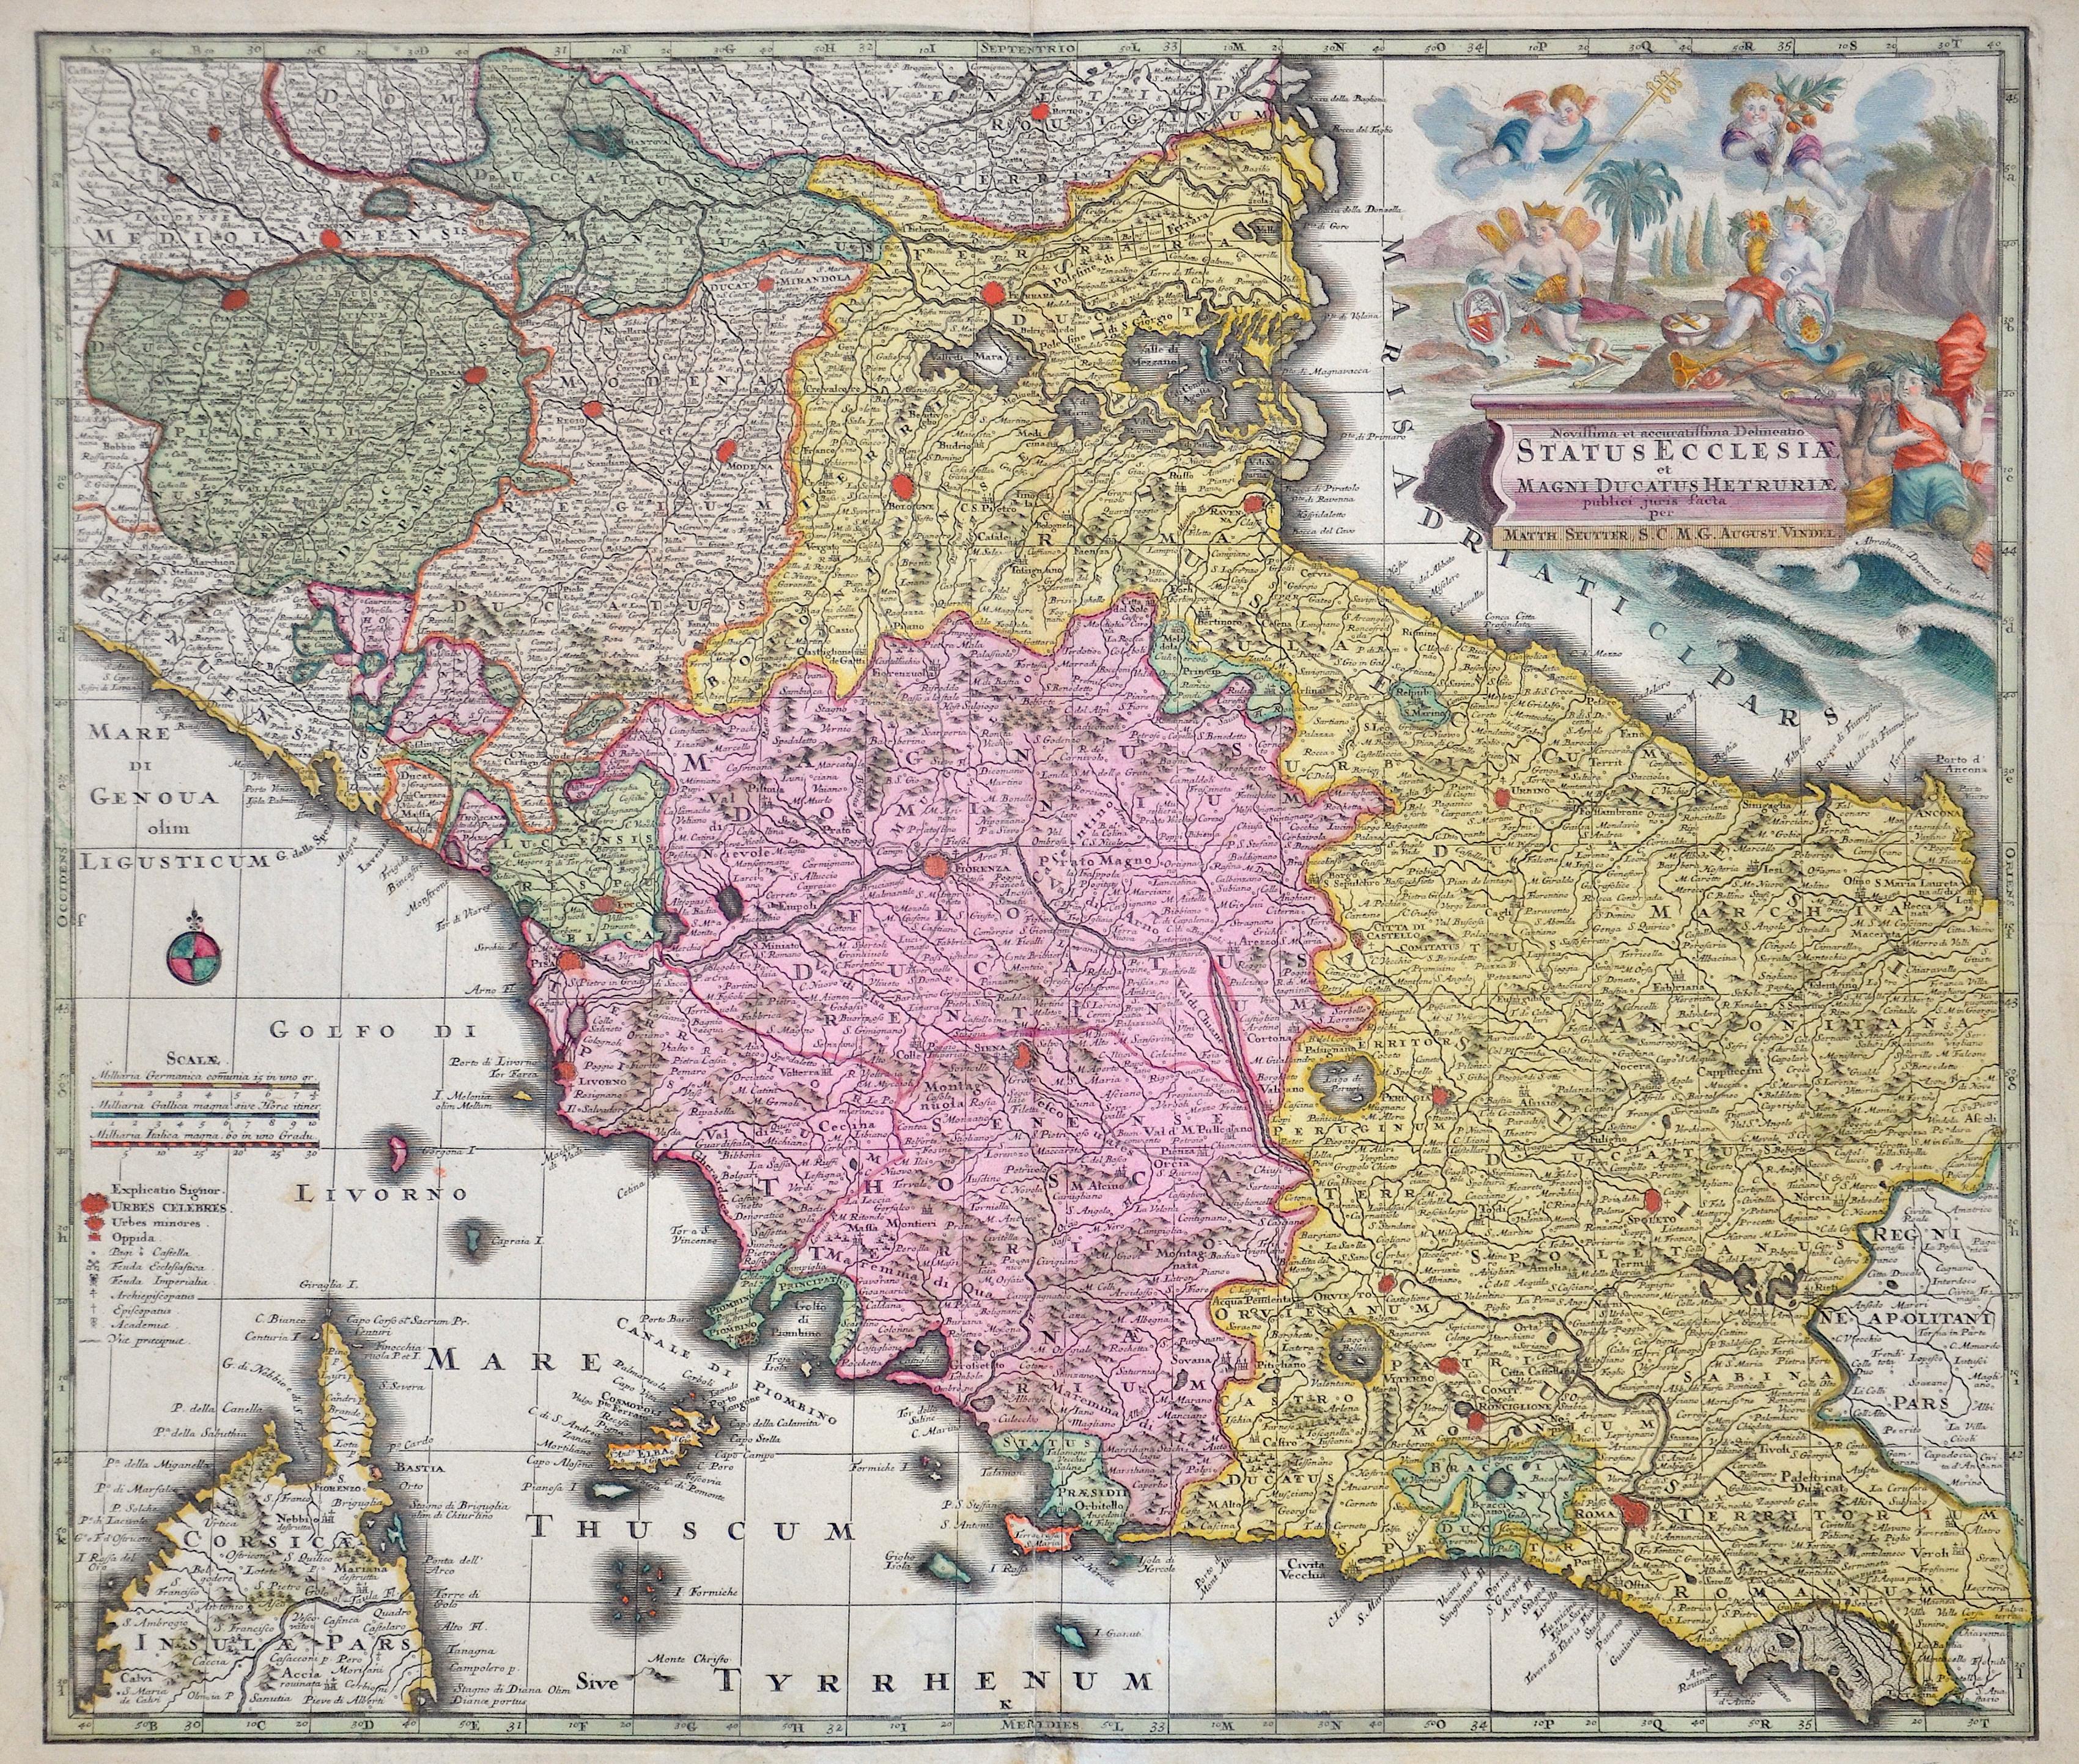 Seutter Albrecht Karl Novissima et accuratissima Delmeatio Staus Eclcesiae et Magni Ducatus Hetruriae, publici jurius facta per Matth. Seutter